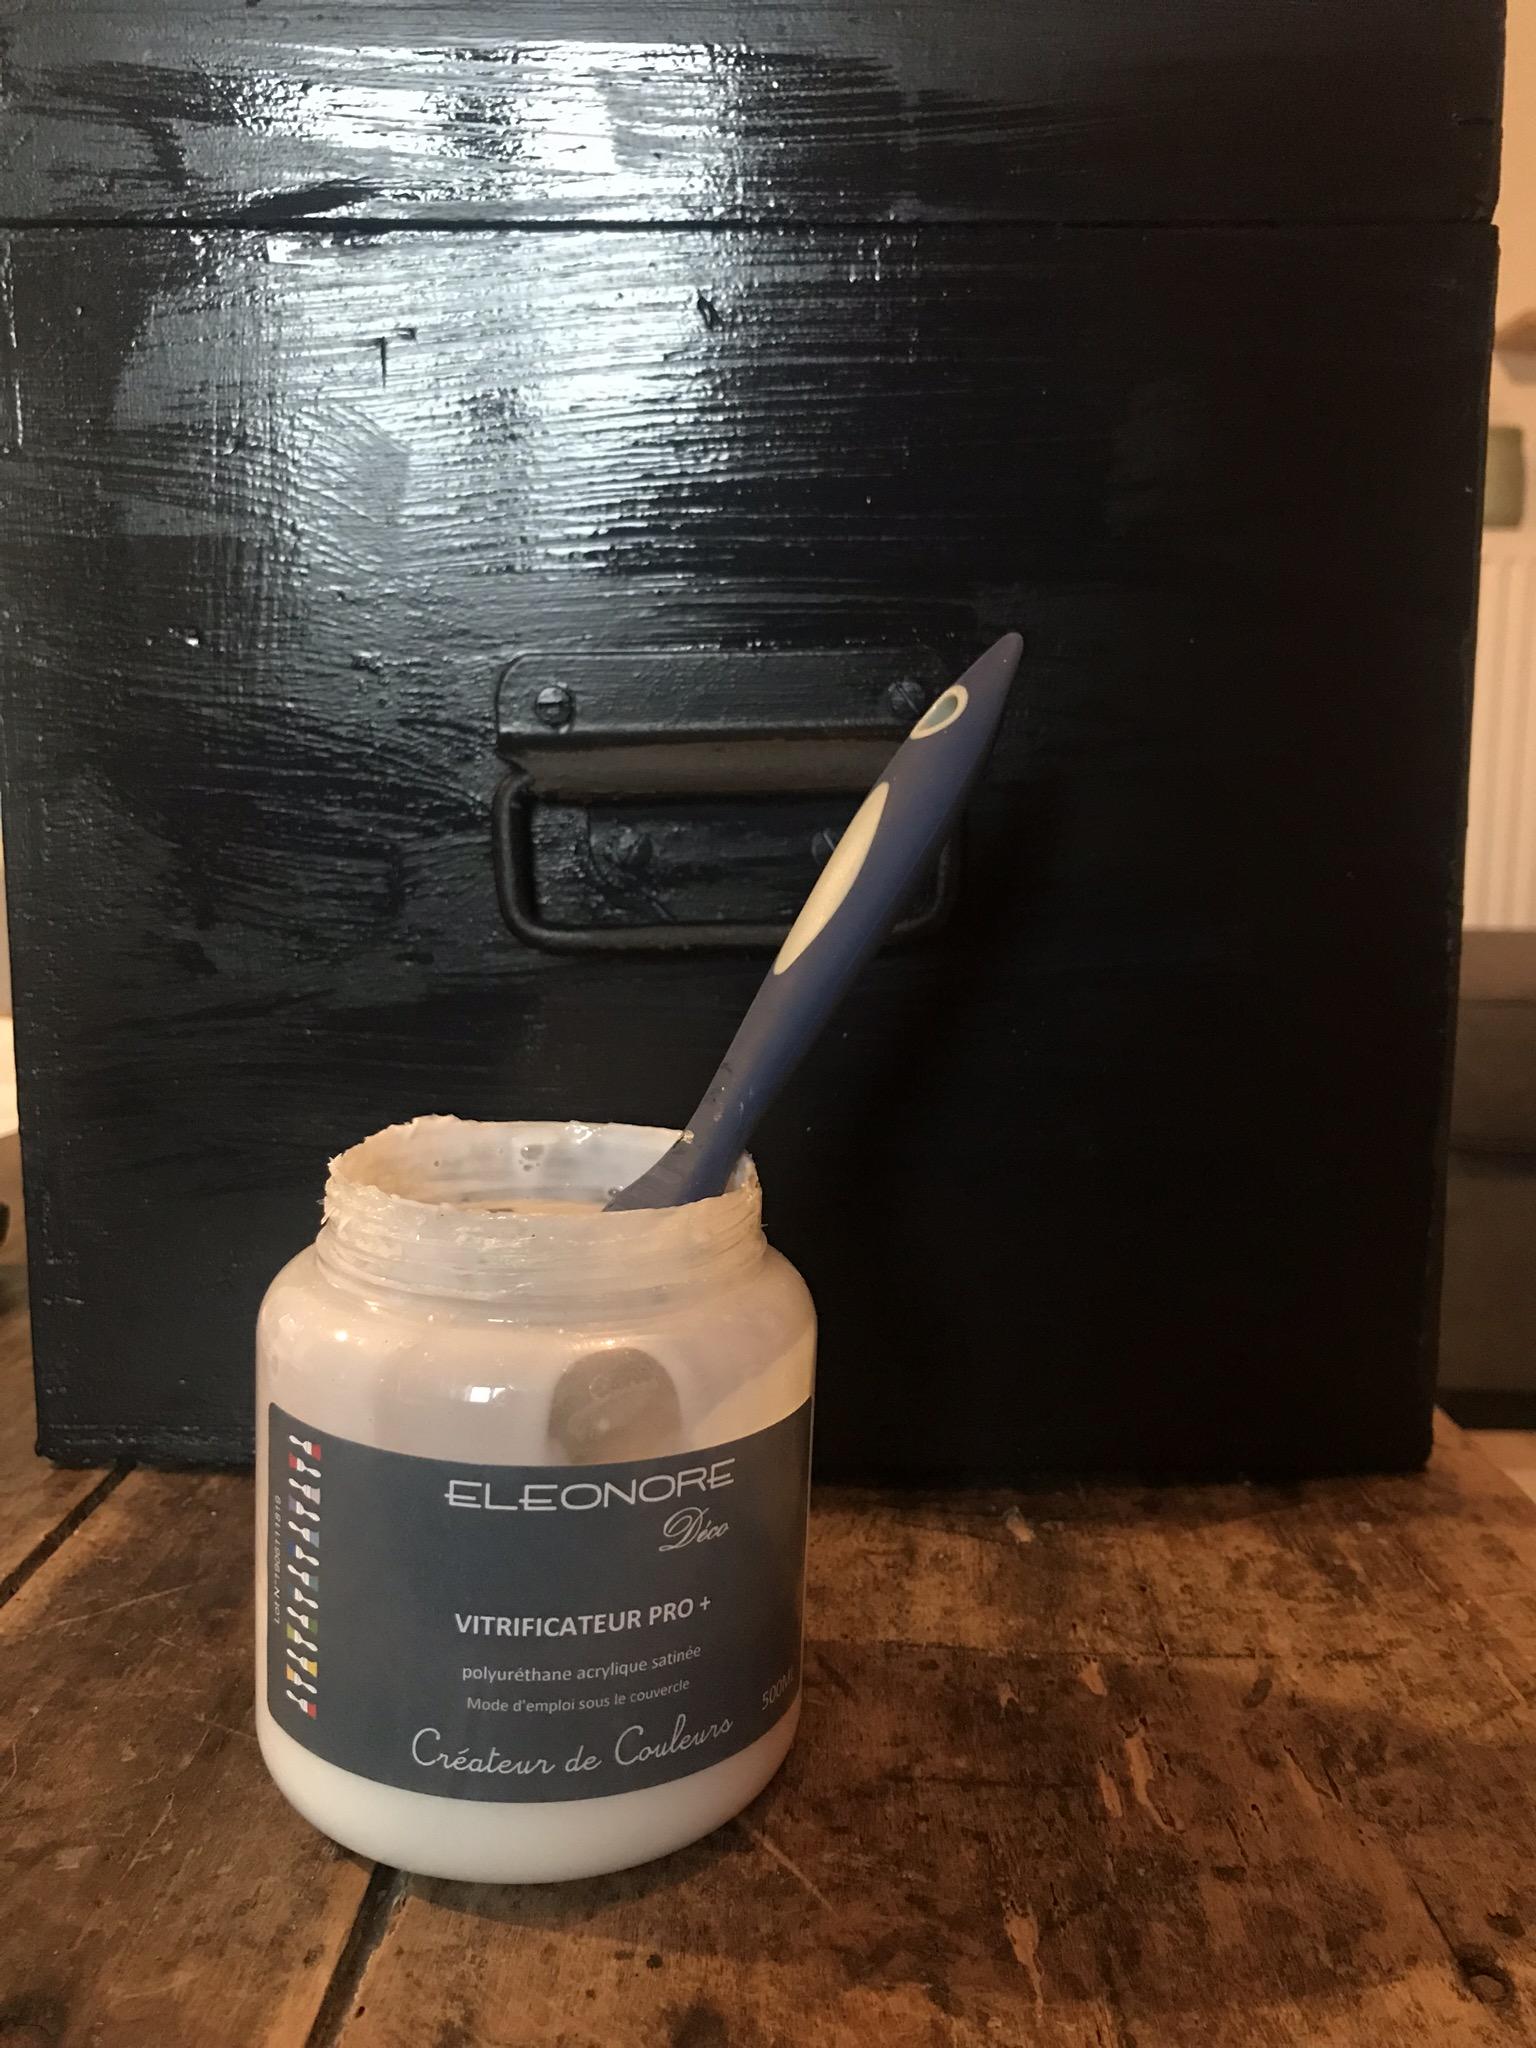 Application du vitrificateur sur l'ensemble de la boîte (hors rouille)